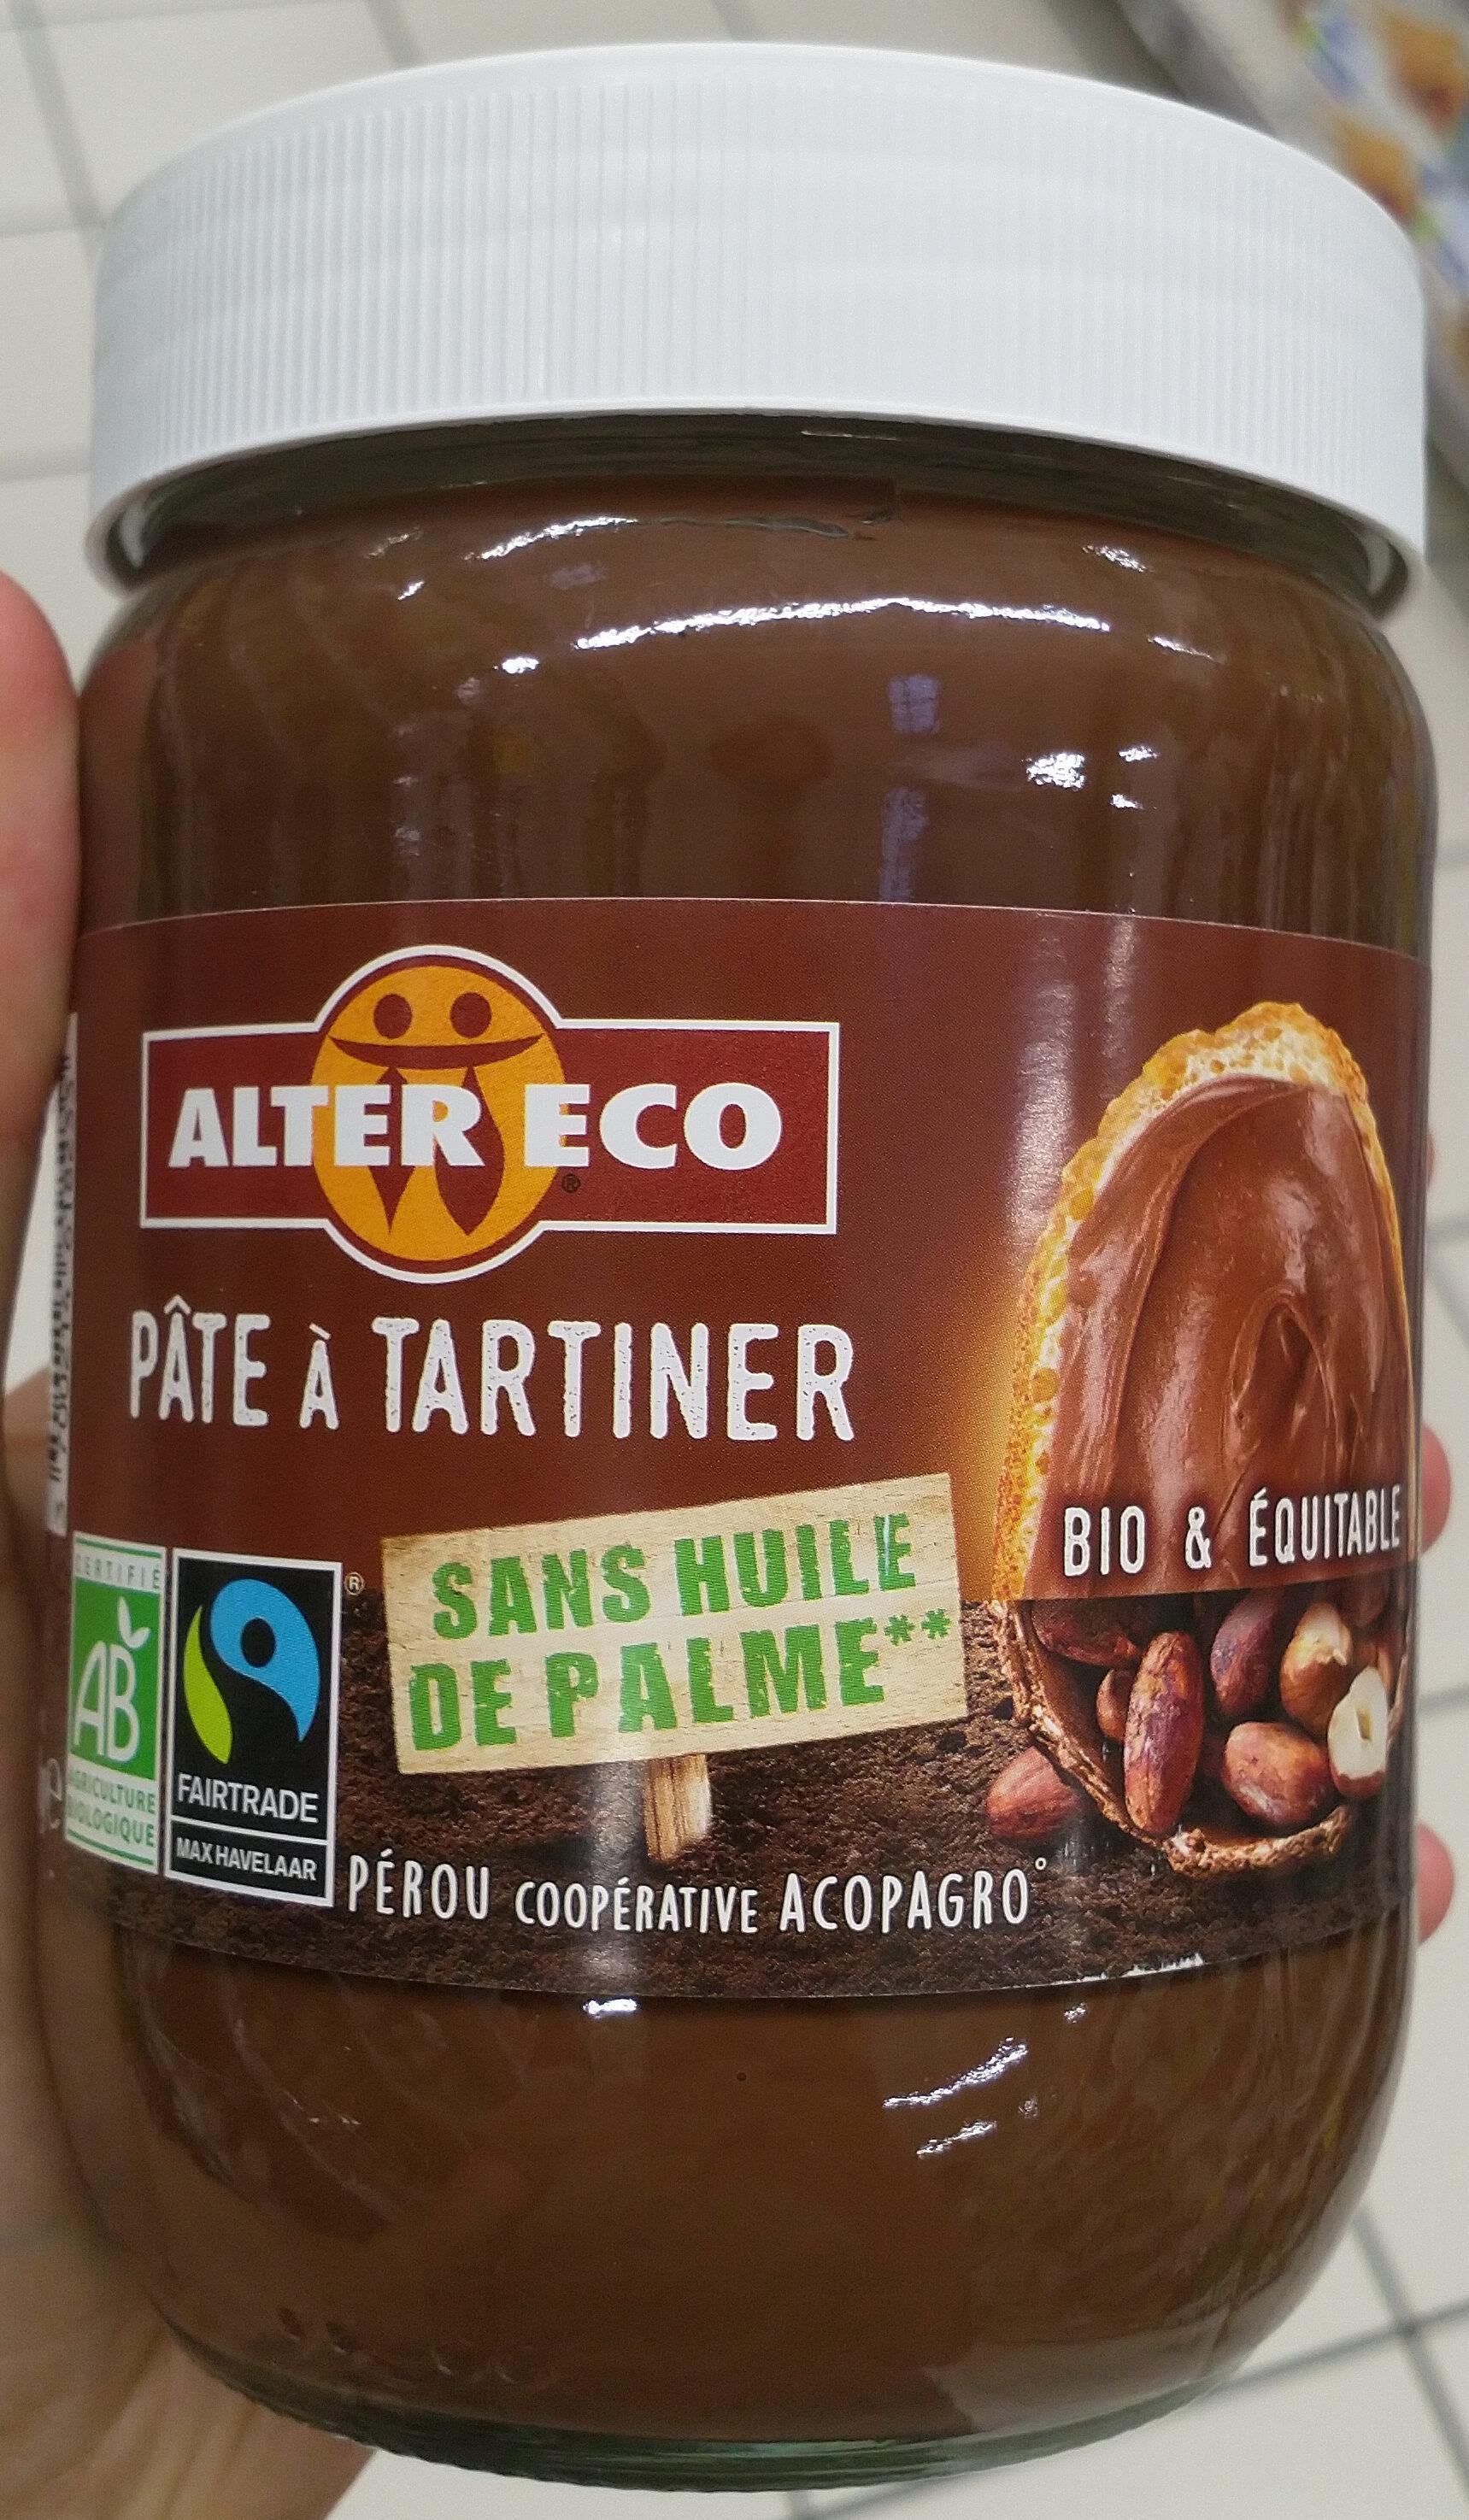 Pâte à tartiner sans huile de palme - BIO & ÉQUITABLE - Product - fr